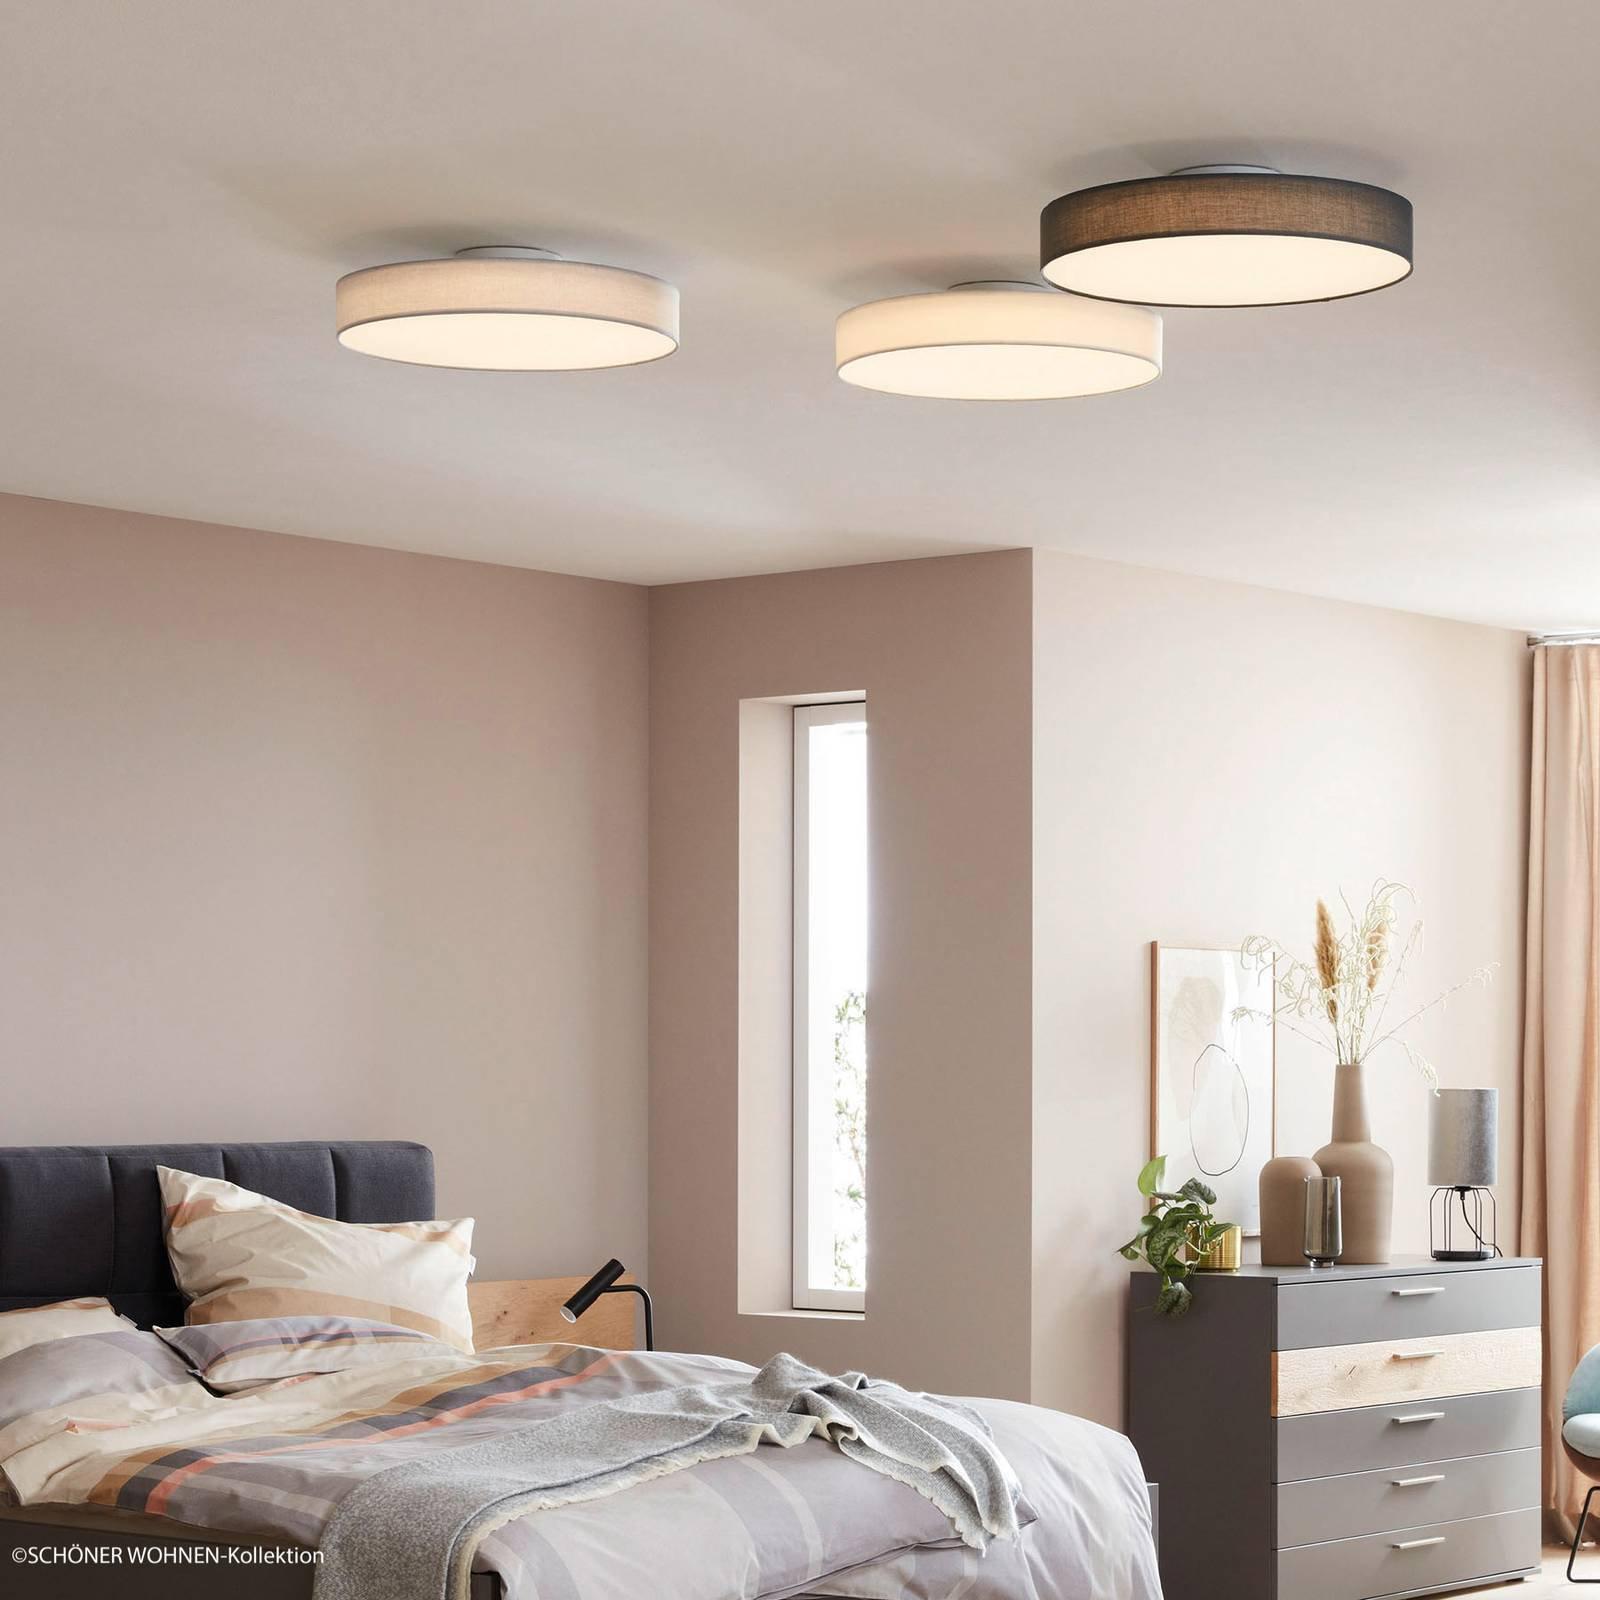 Schöner Wohnen Pina LED-taklampe, hvit